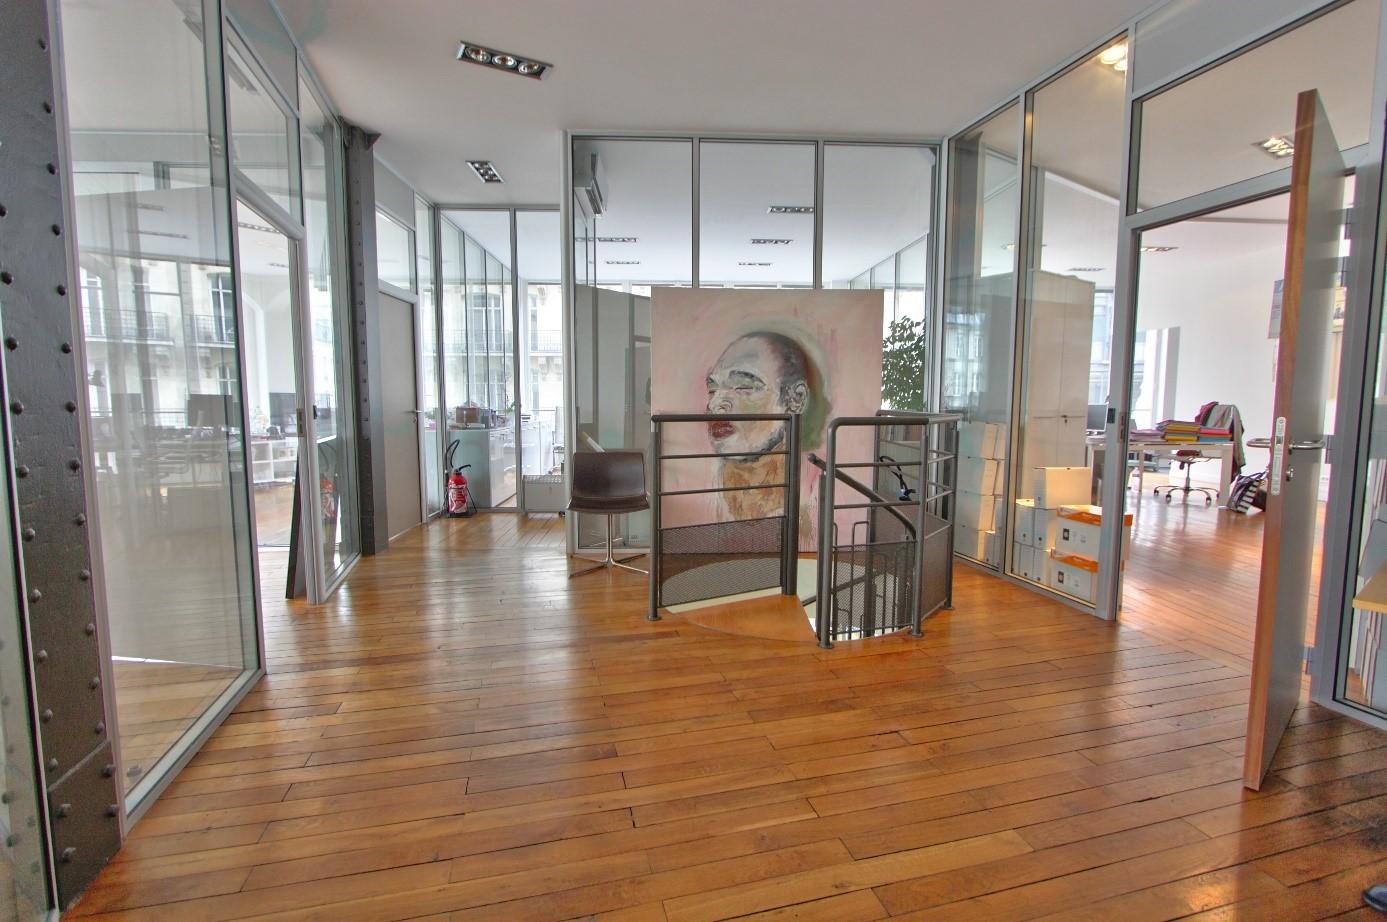 Vente de bureaux paris 75002 transaction d 39 immobilier d - Bureau de vente immobilier ...